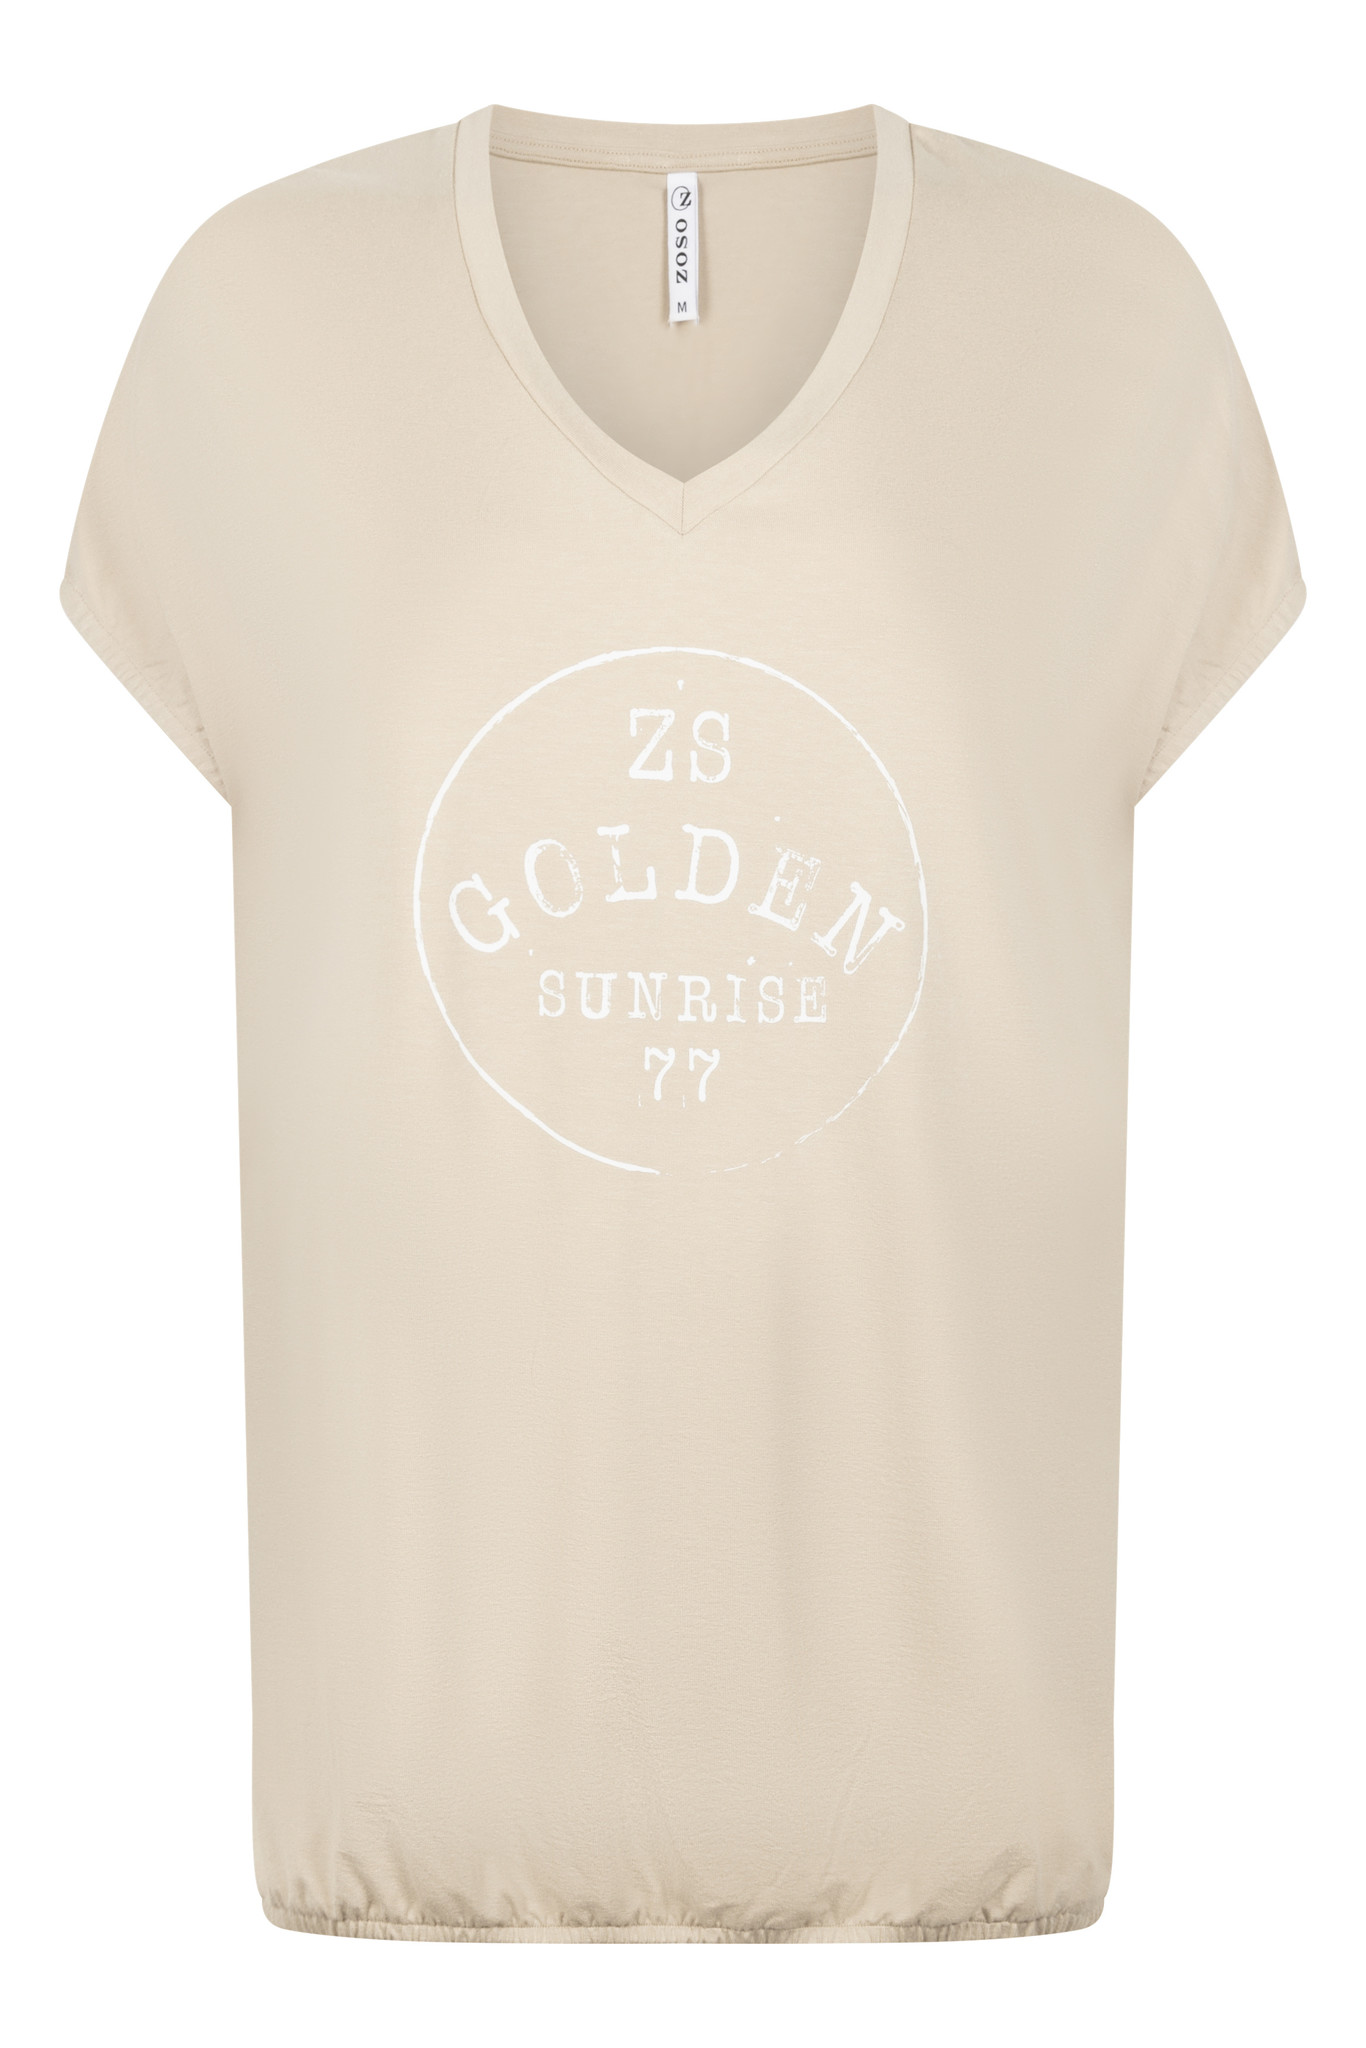 Zoso Zoso Gina shirt with print sand/white